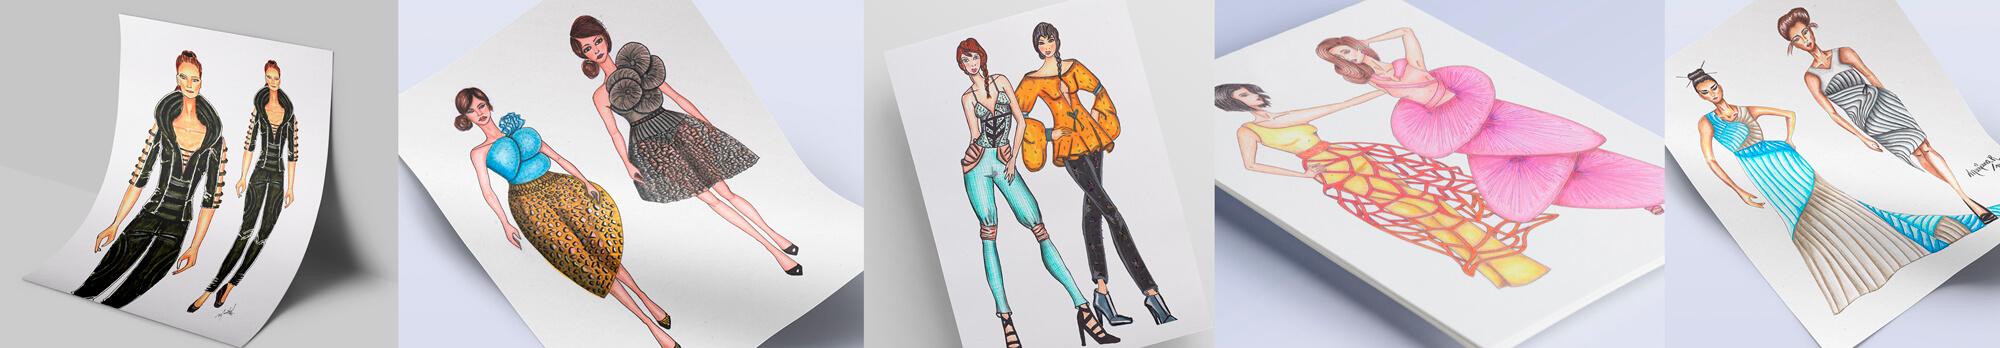 figurines de moda online